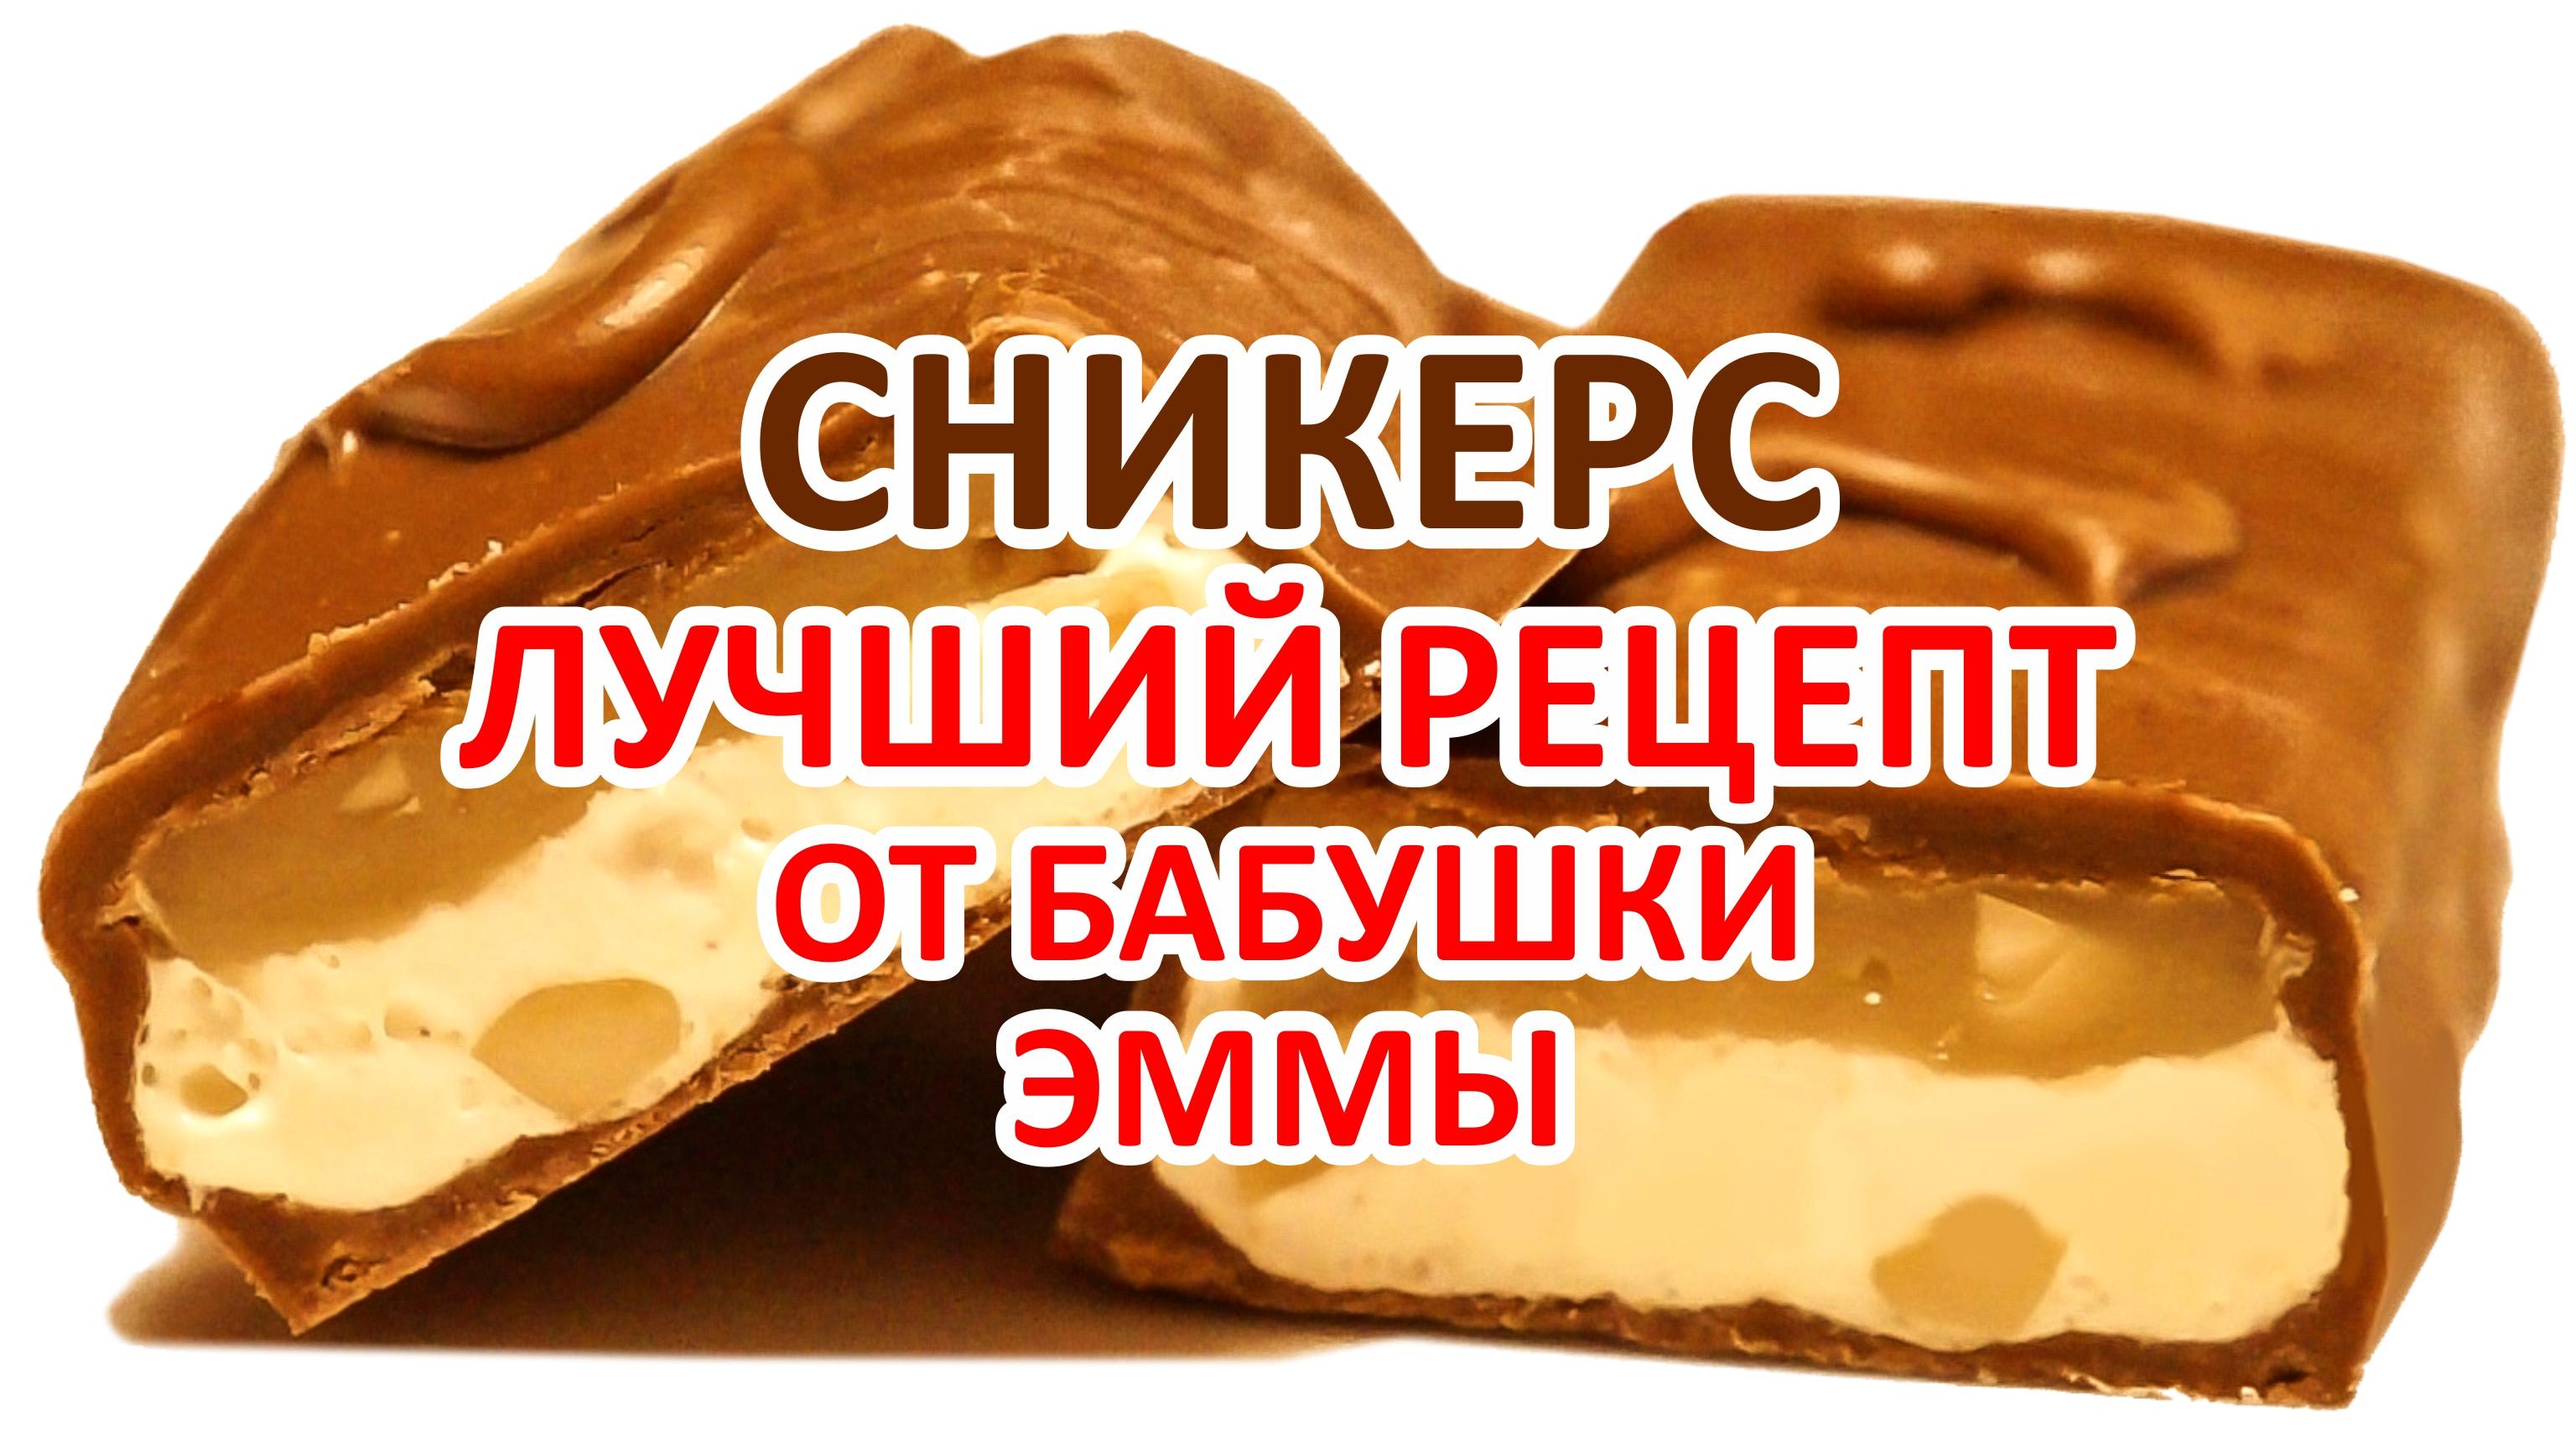 Шоколад сникерс рецепт пошагово